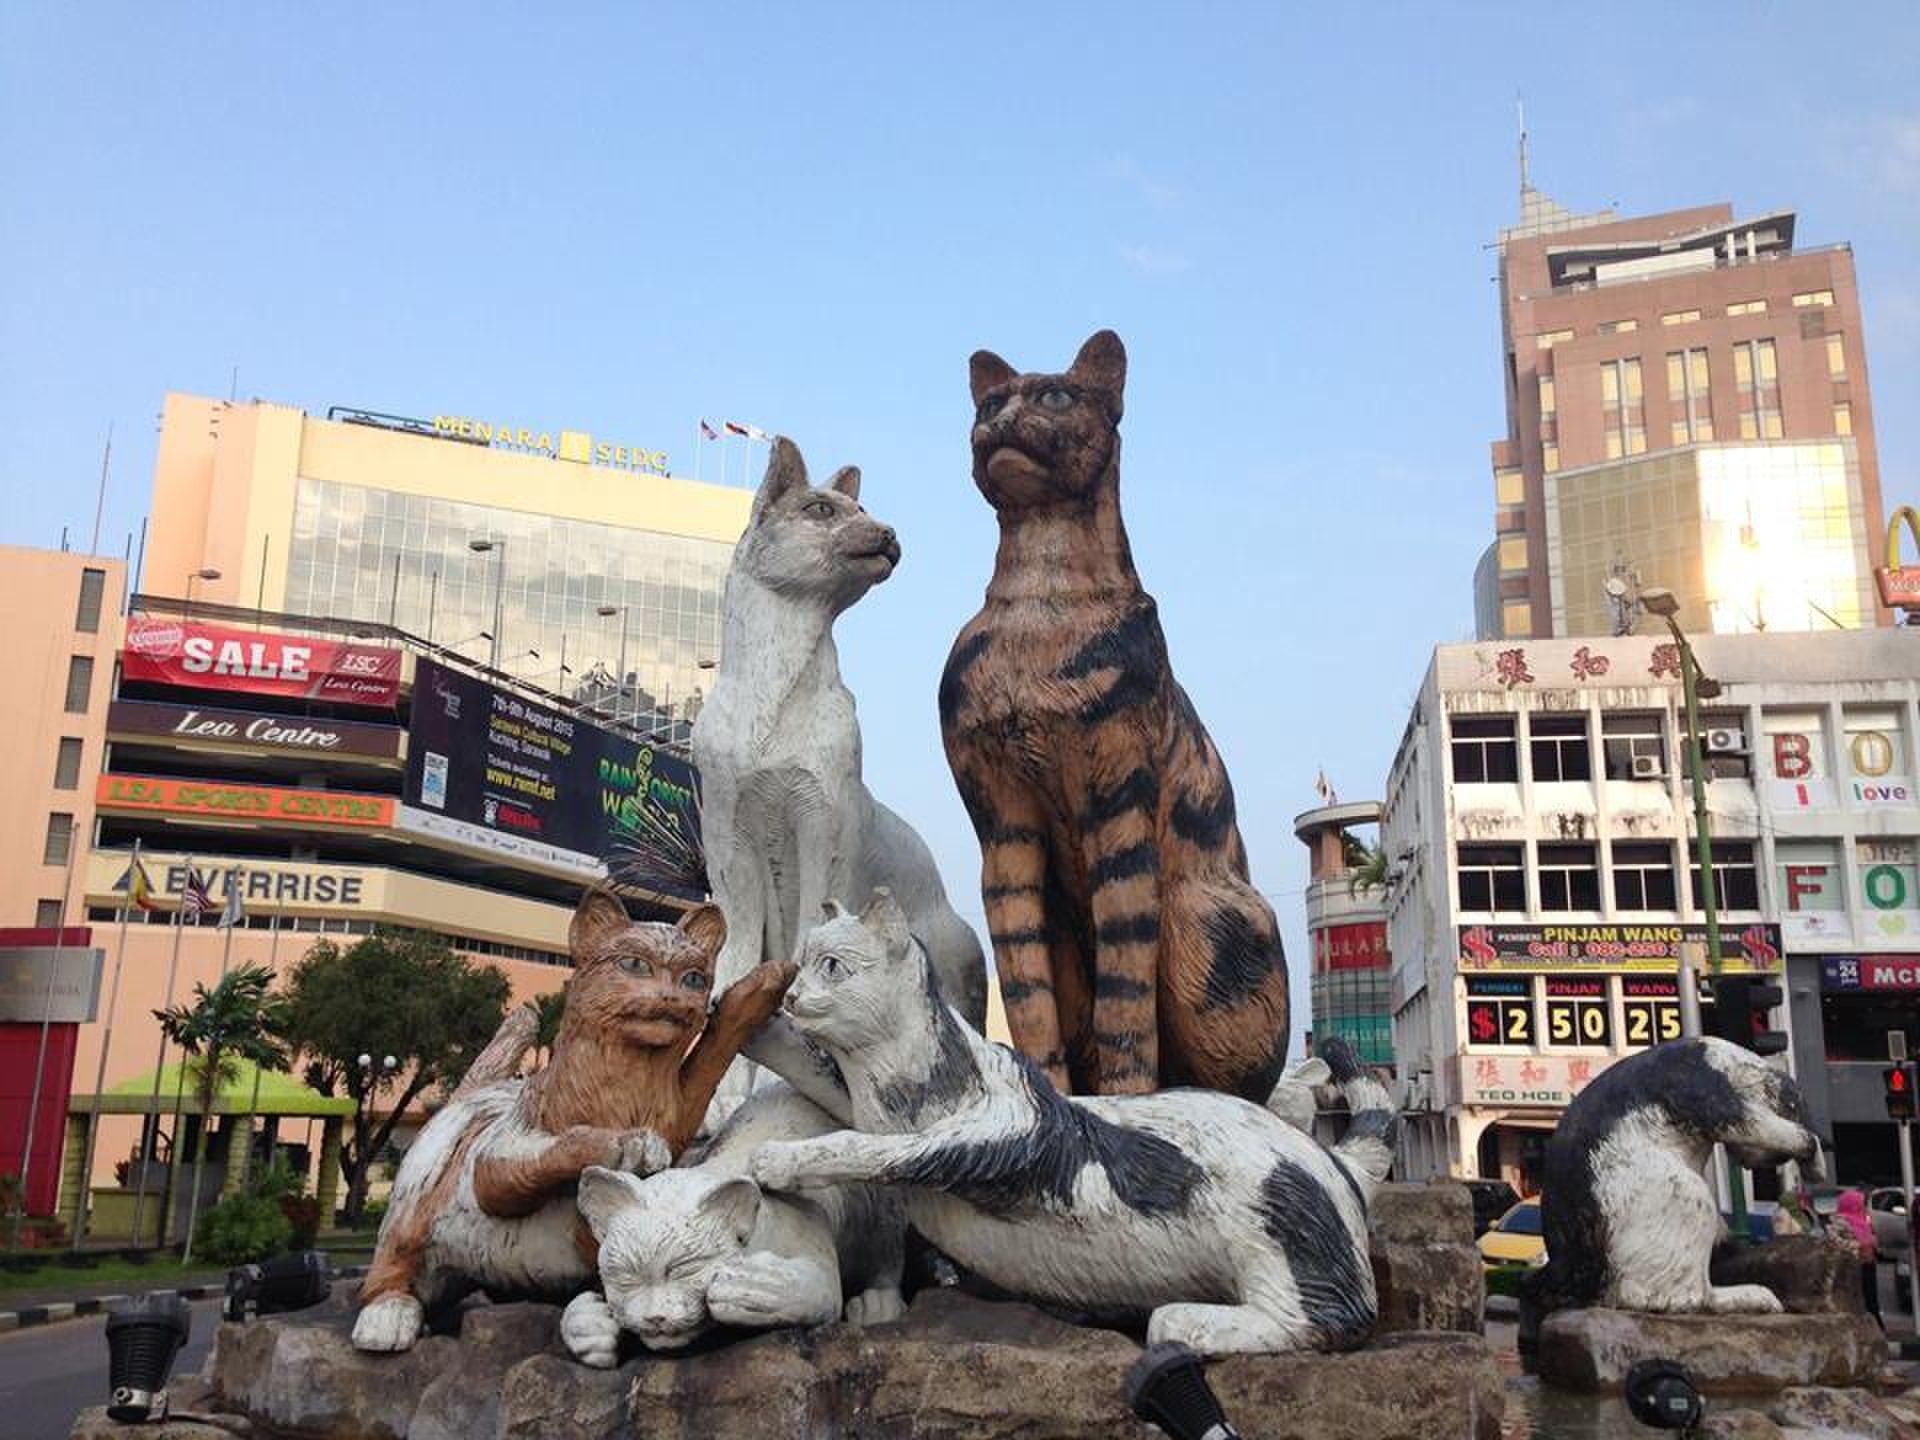 【マレーシア在住が教える】にゃんこ好き必見!「猫の街」クチンに行こう!おすすめ、みどころ